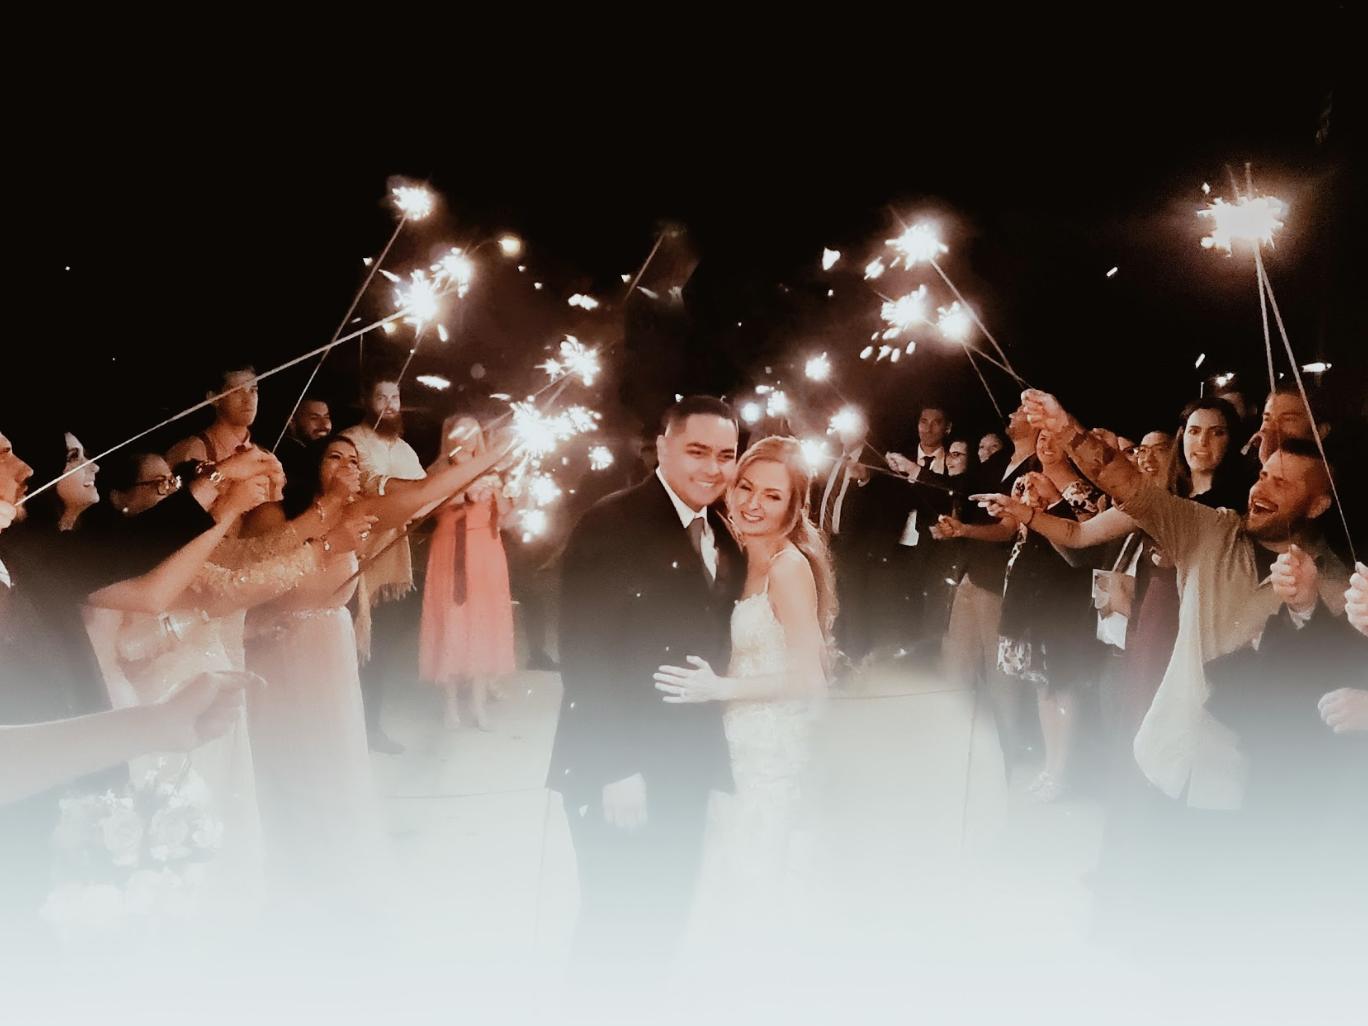 Innovate Wedding Idea - Weddings Till Dawn